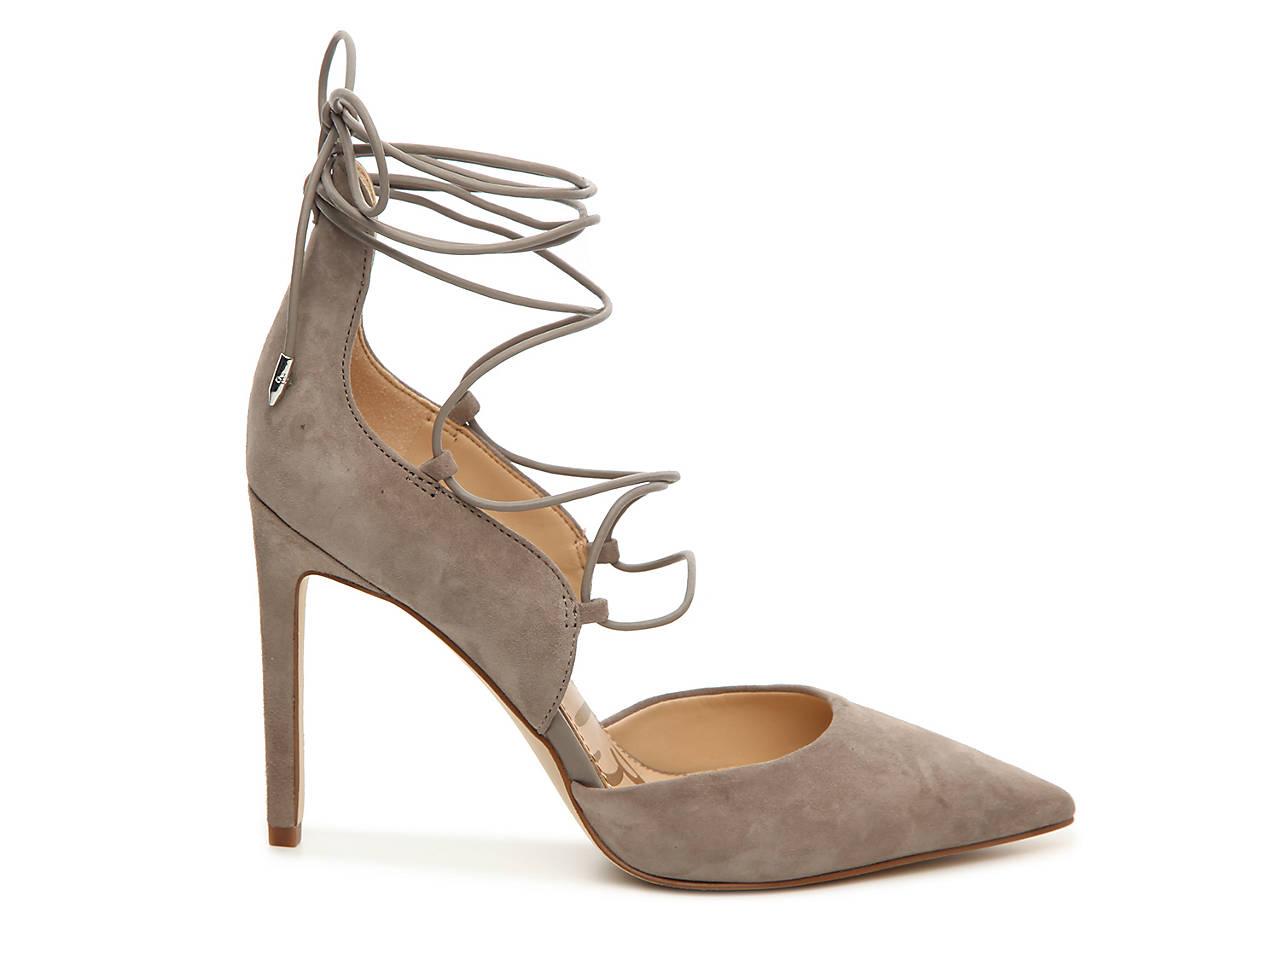 24378c80e051 Sam Edelman Helaine Pump Women s Shoes